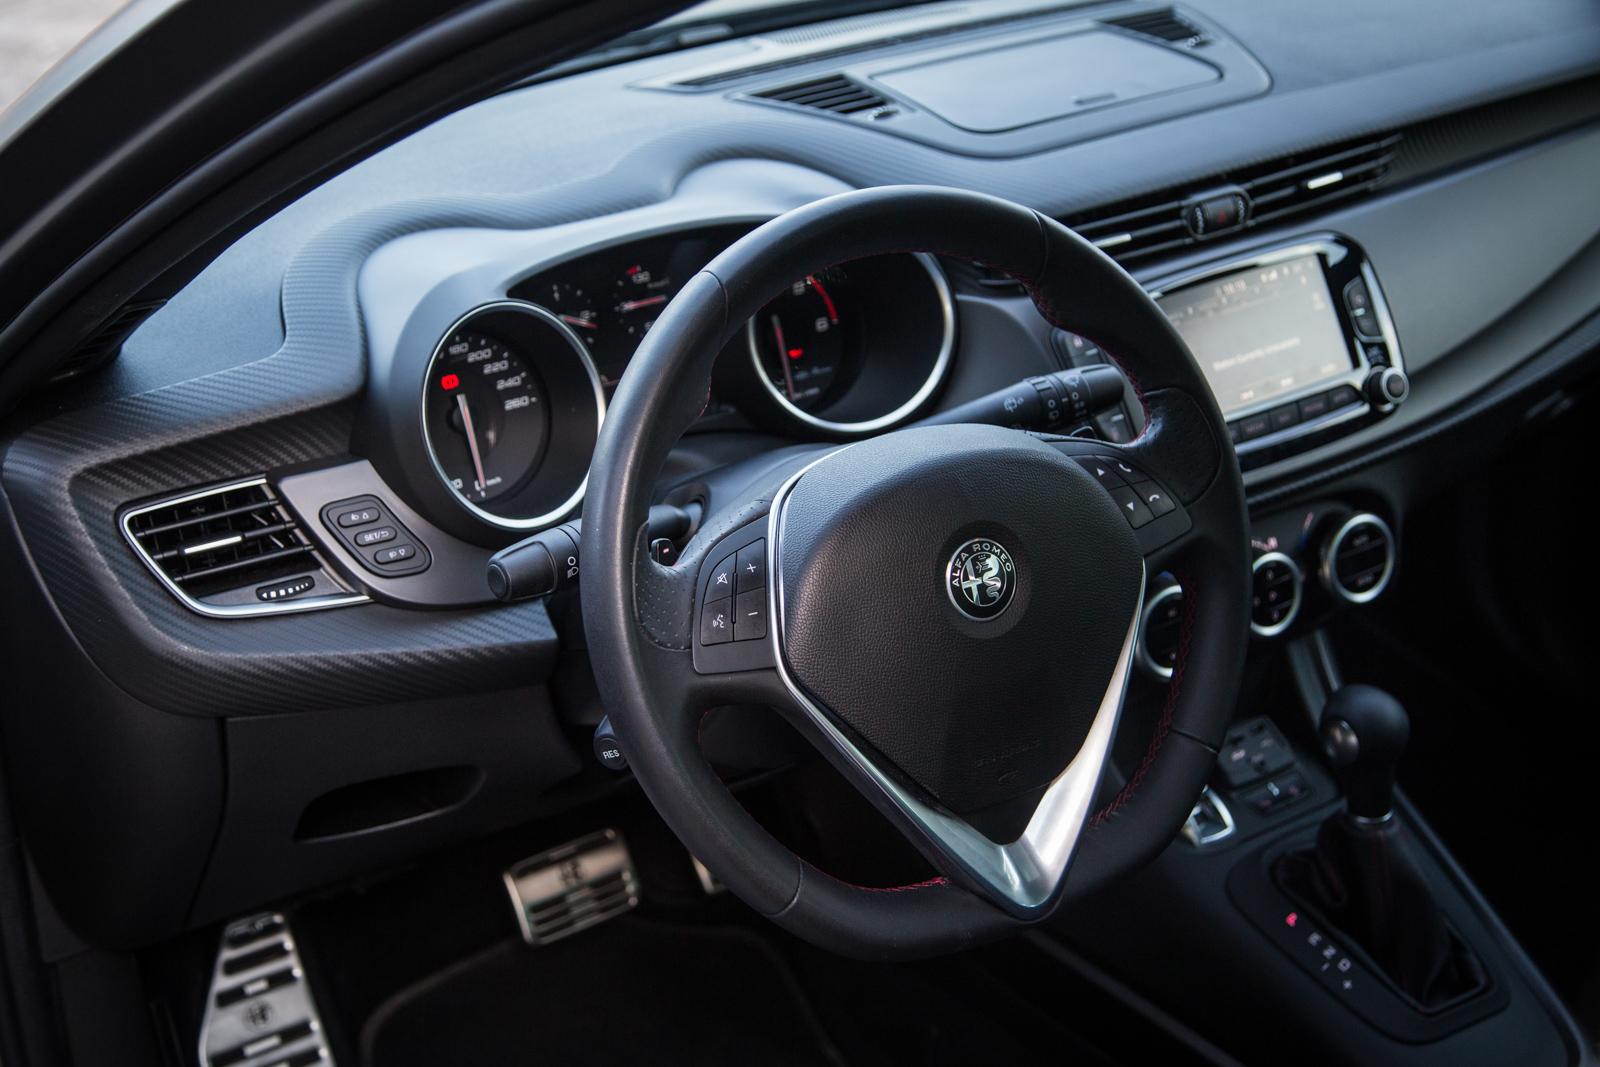 Test_Drive_Alfa_Romeo_Giulietta_TCT_1.6_JTDM-2_46